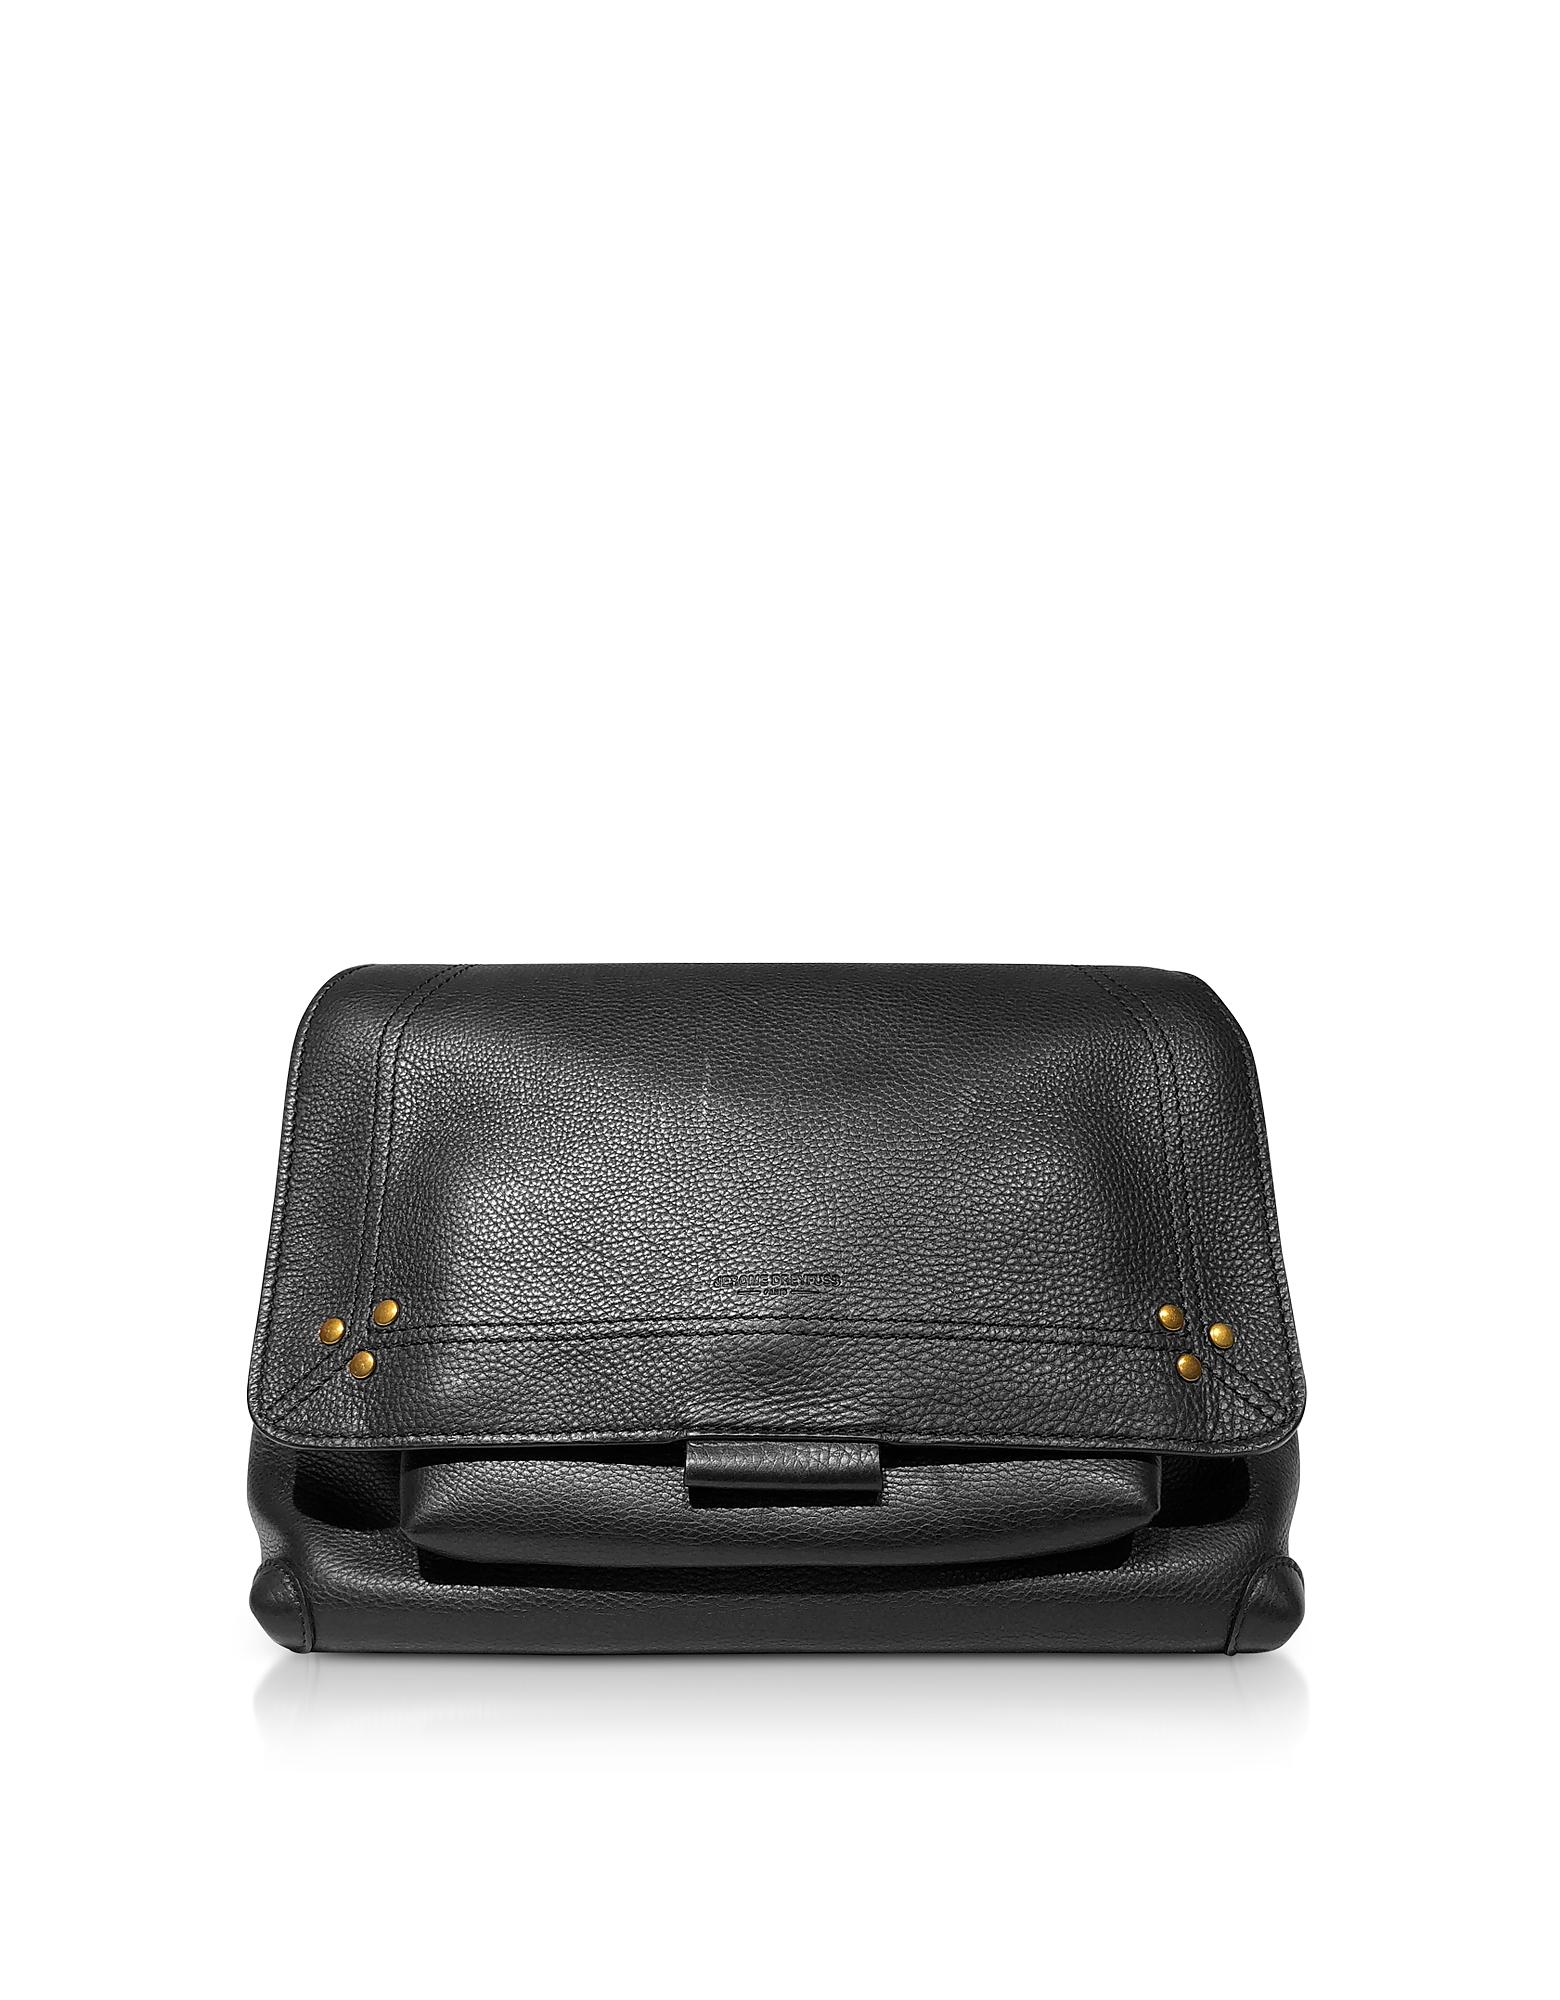 Lulu M Black Leather Shoulder Bag